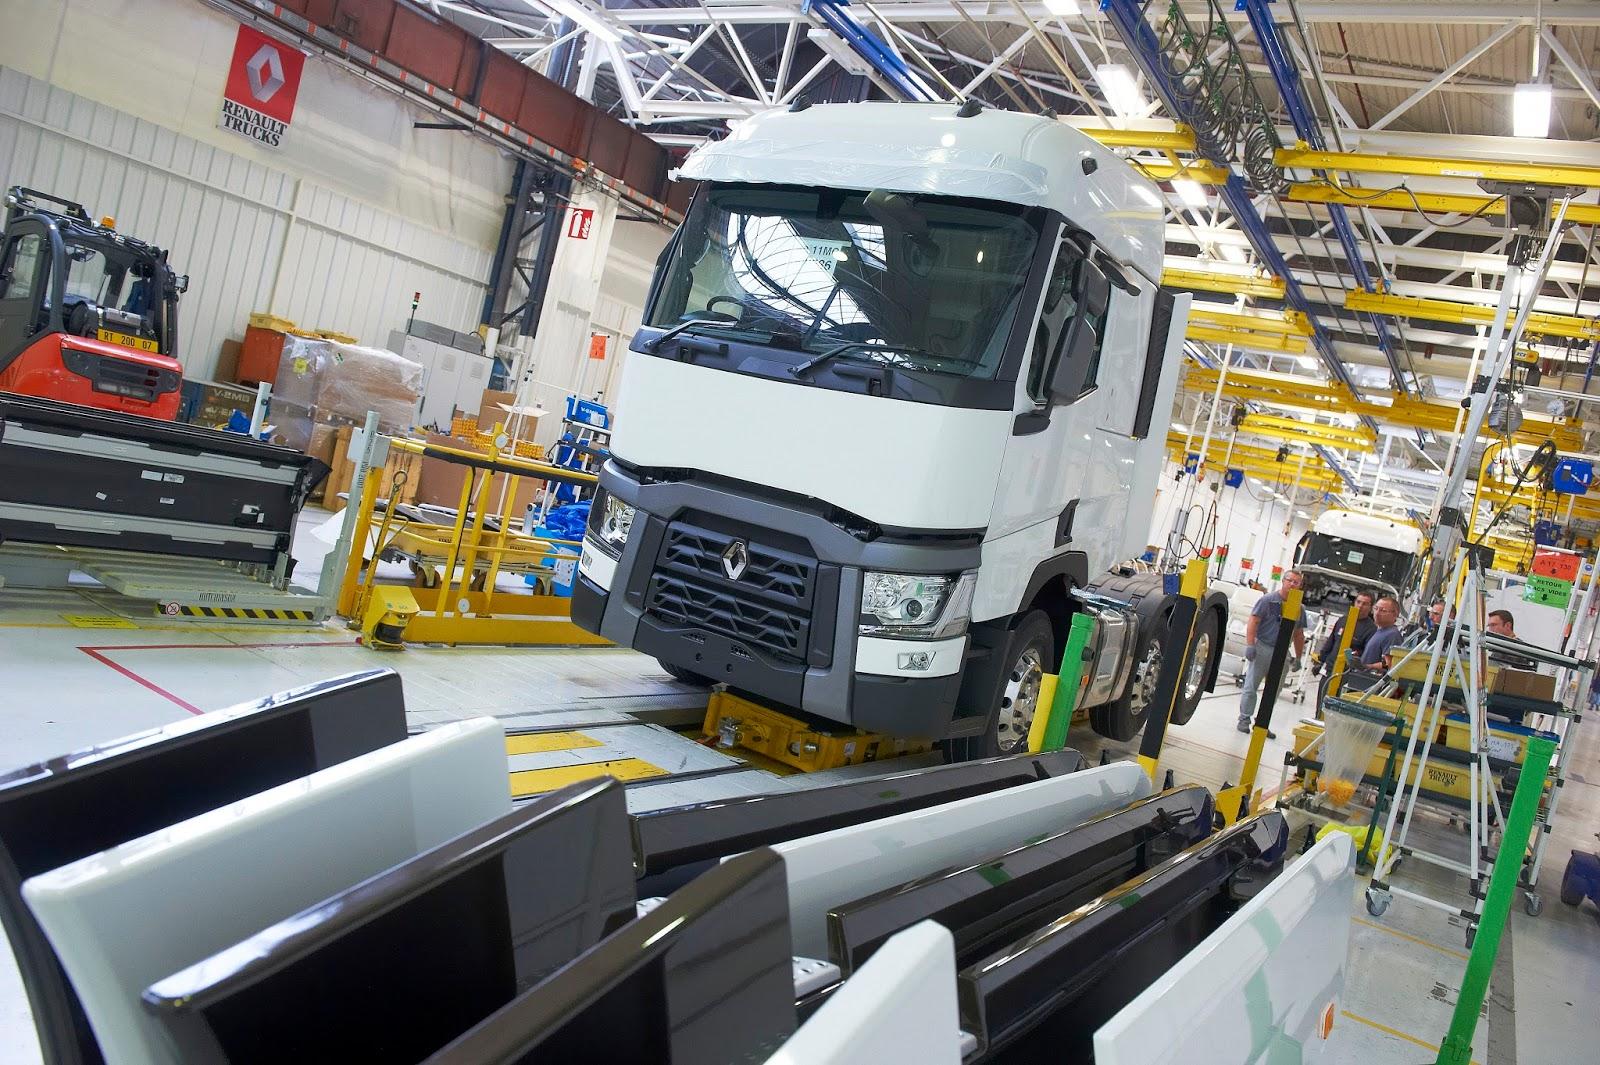 dieciocho ruedas renault trucks stand by en el mercado argentino y mercosur. Black Bedroom Furniture Sets. Home Design Ideas